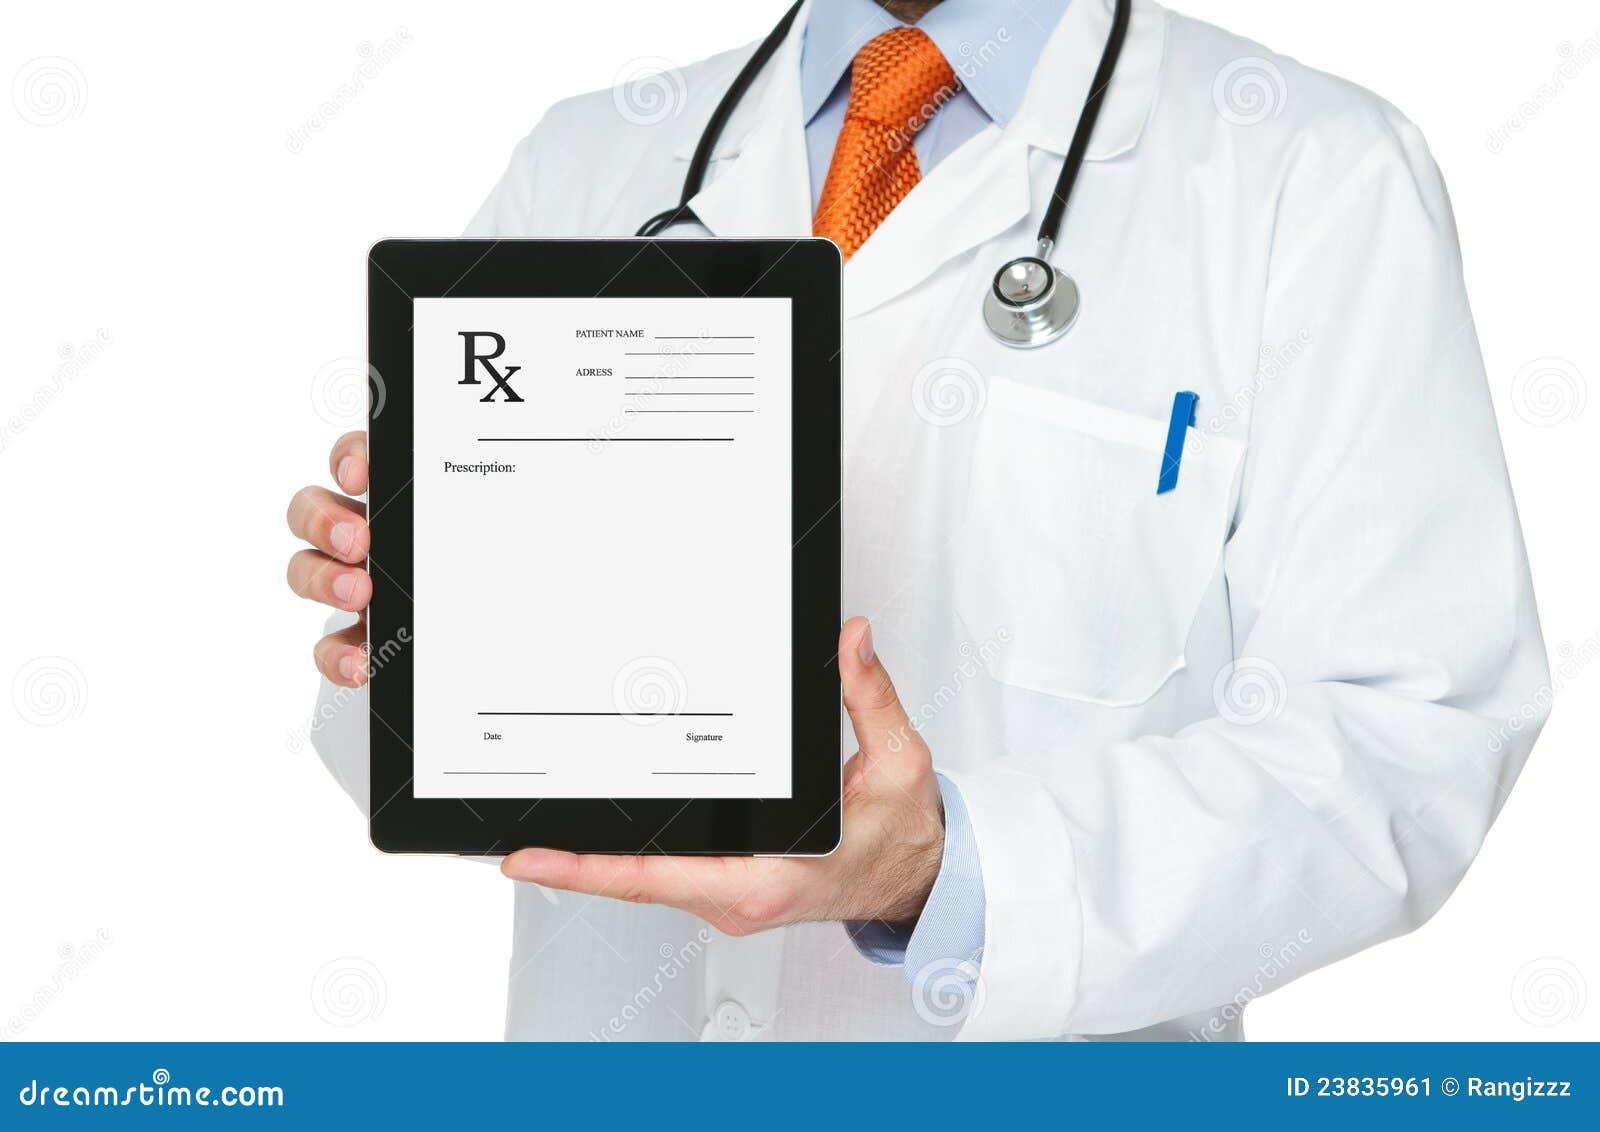 ψηφιακή ταμπλέτα συνταγών εκμετάλλευσης γιατρών